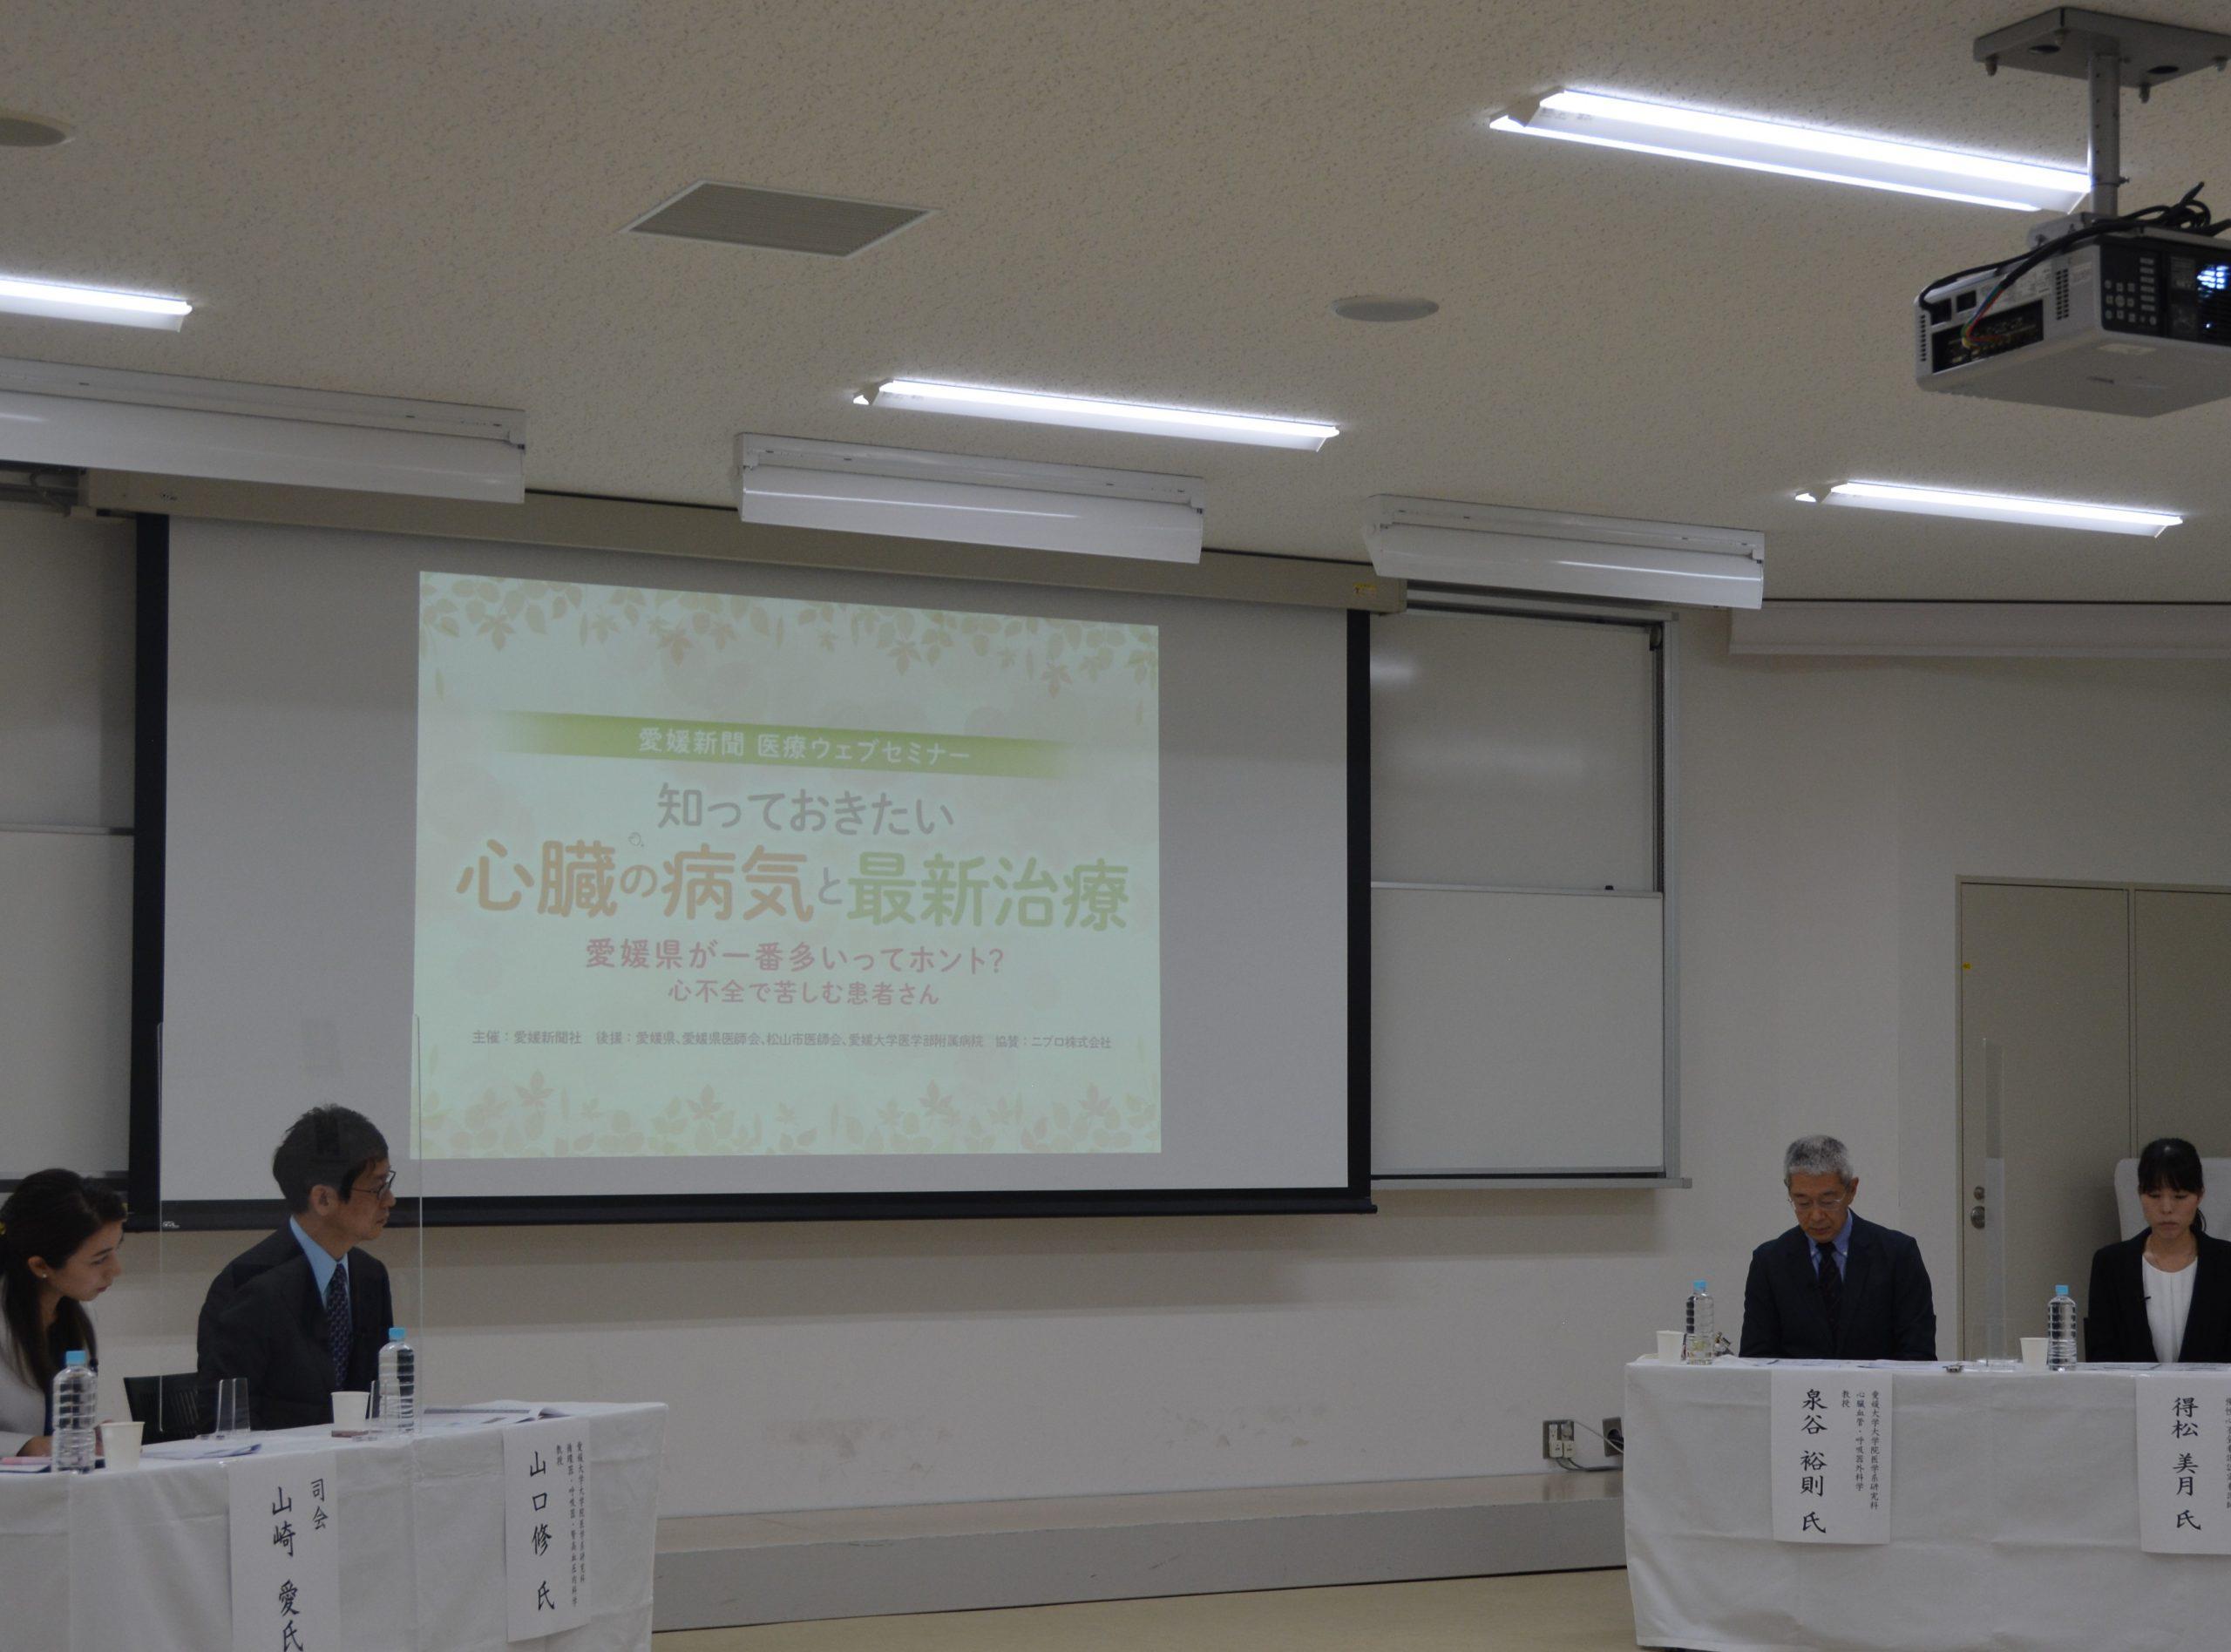 愛媛新聞医療WEBセミナー「知っておきたい心臓の病気と最新治療」の収録が行われました